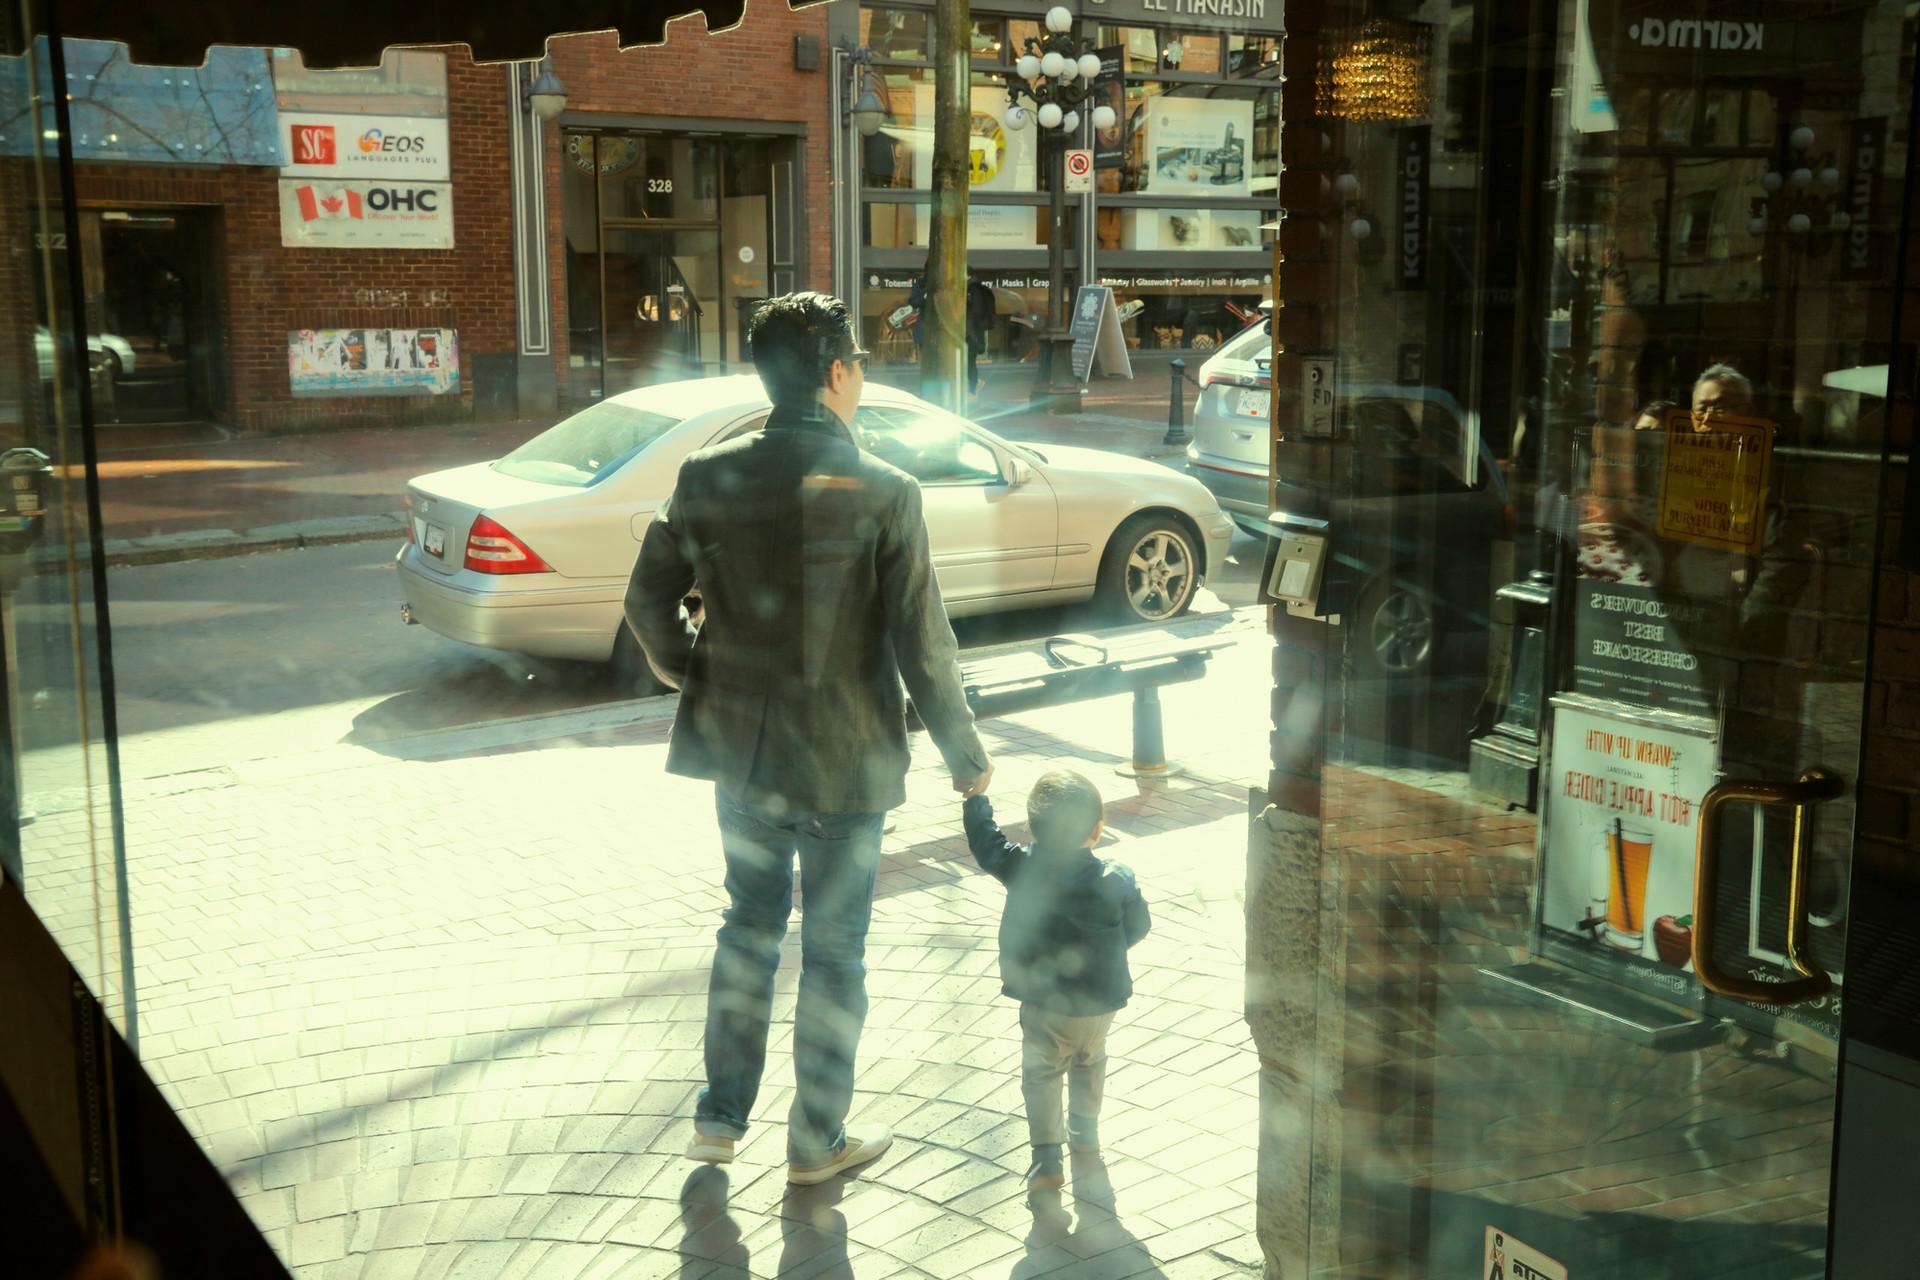 午後咖啡館定鏡眾生22